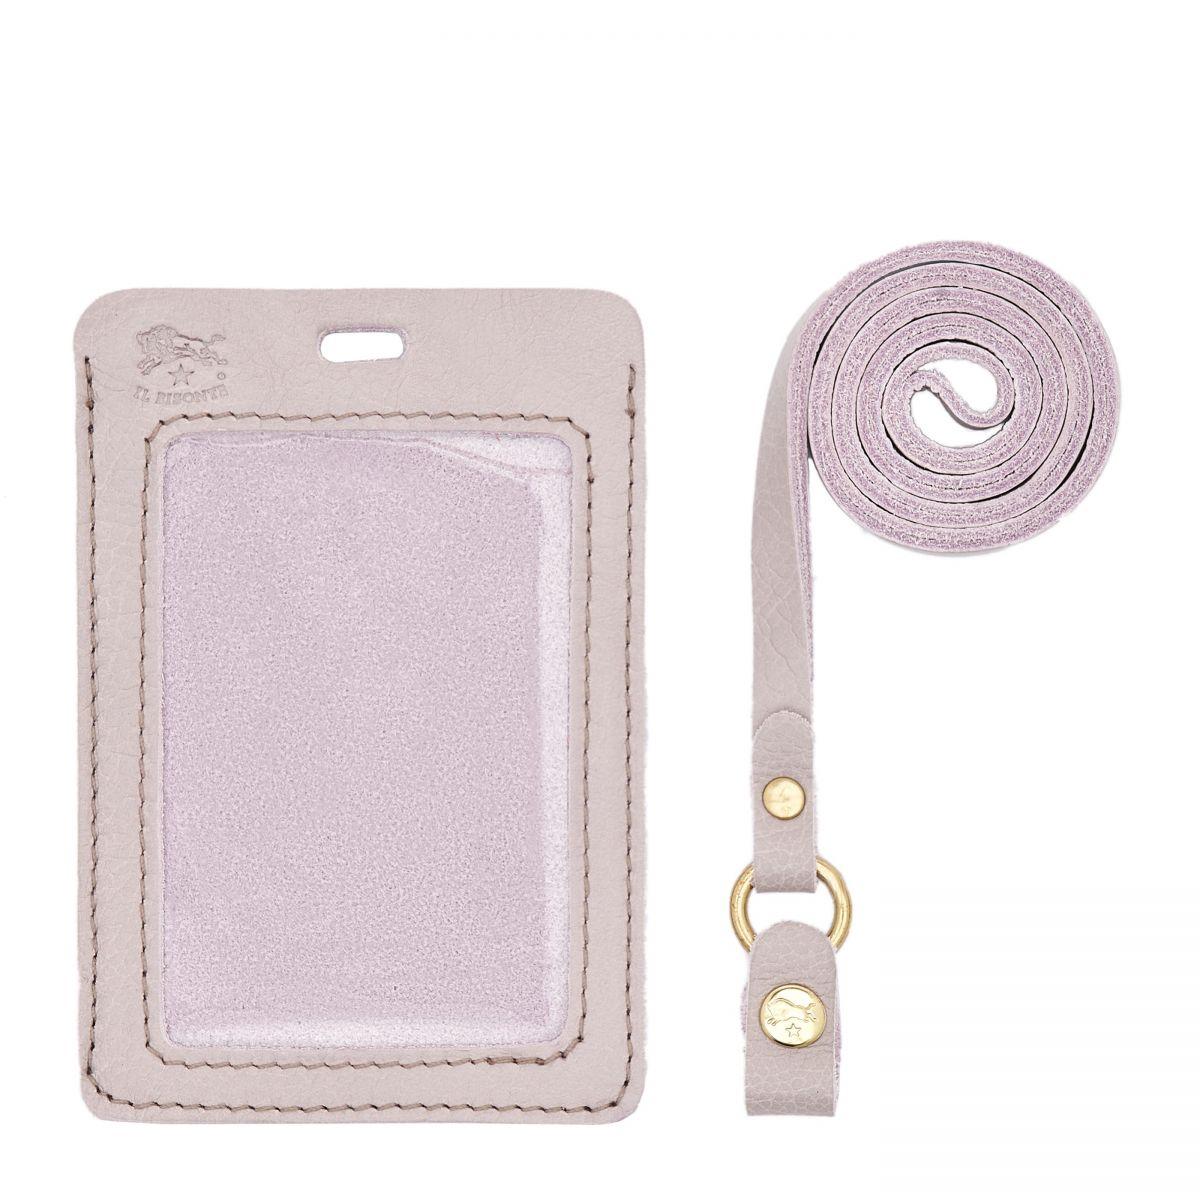 Card Case in Cowhide Leather color Mauve - SCC033 | Details